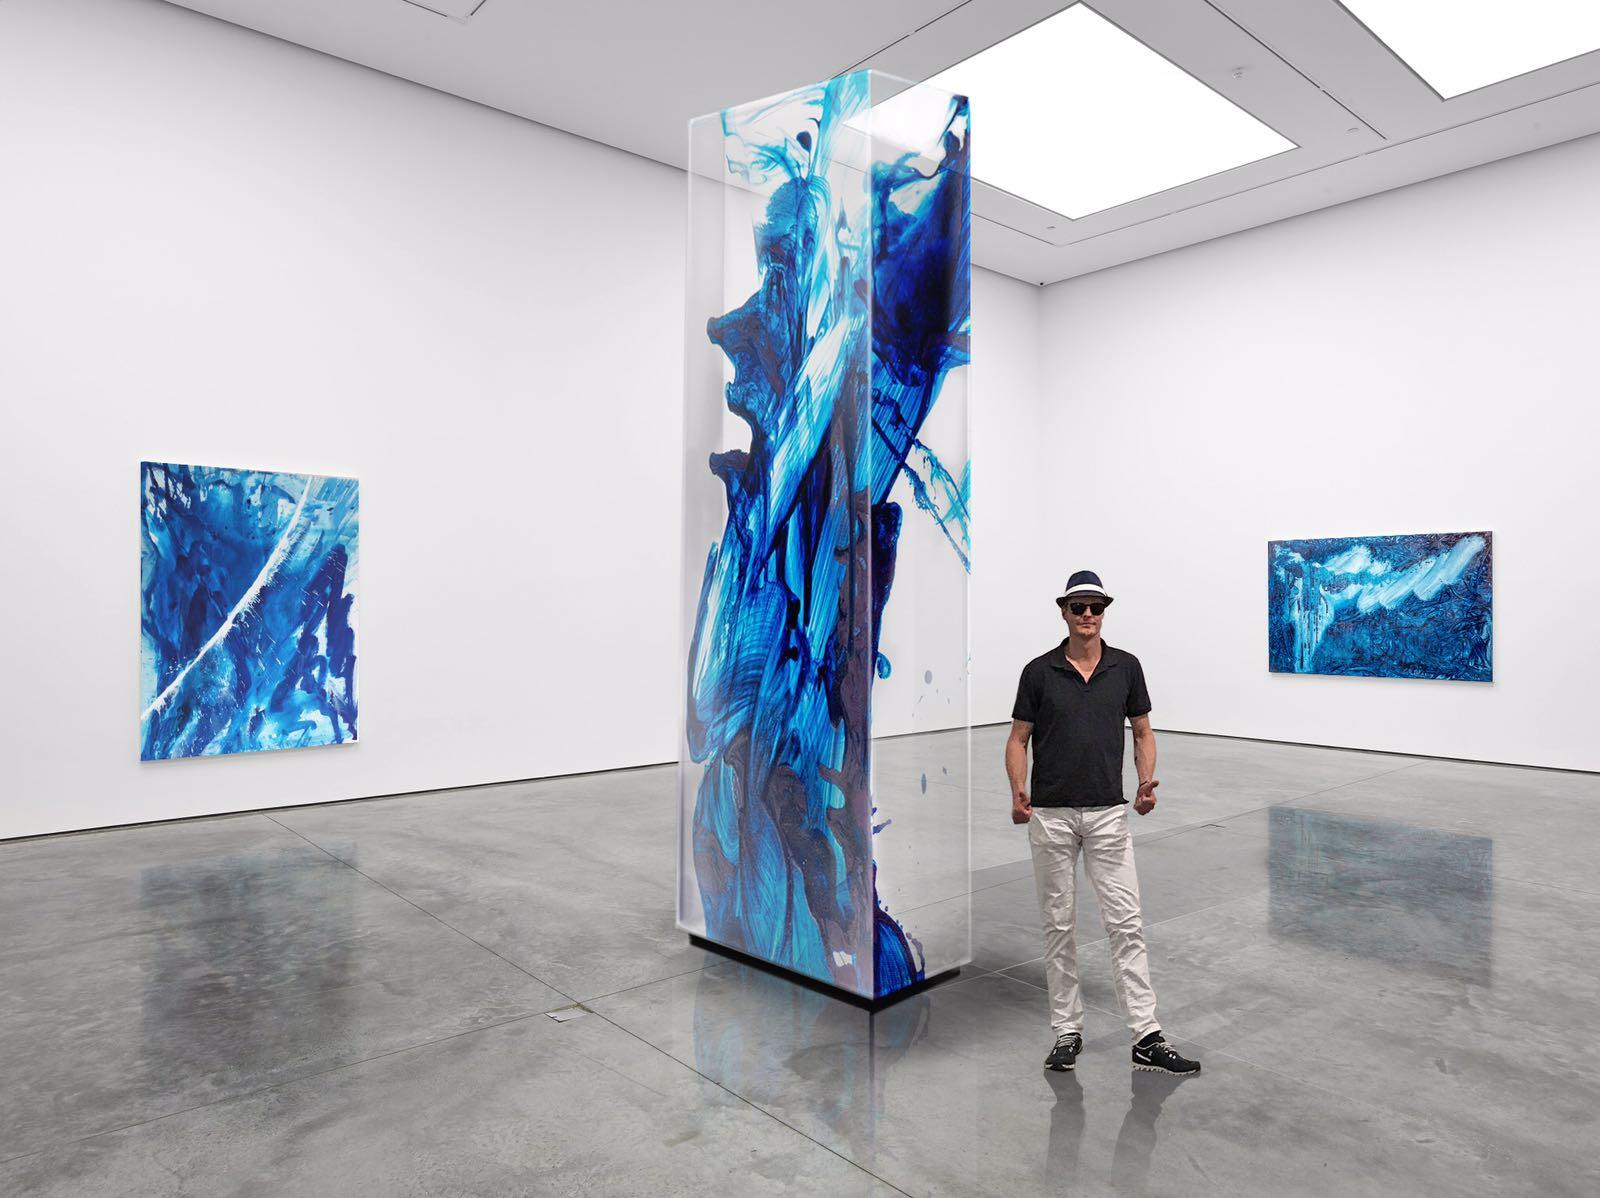 Выставка 'FEELINGS' Конора Маккриди в Askeri Gallery